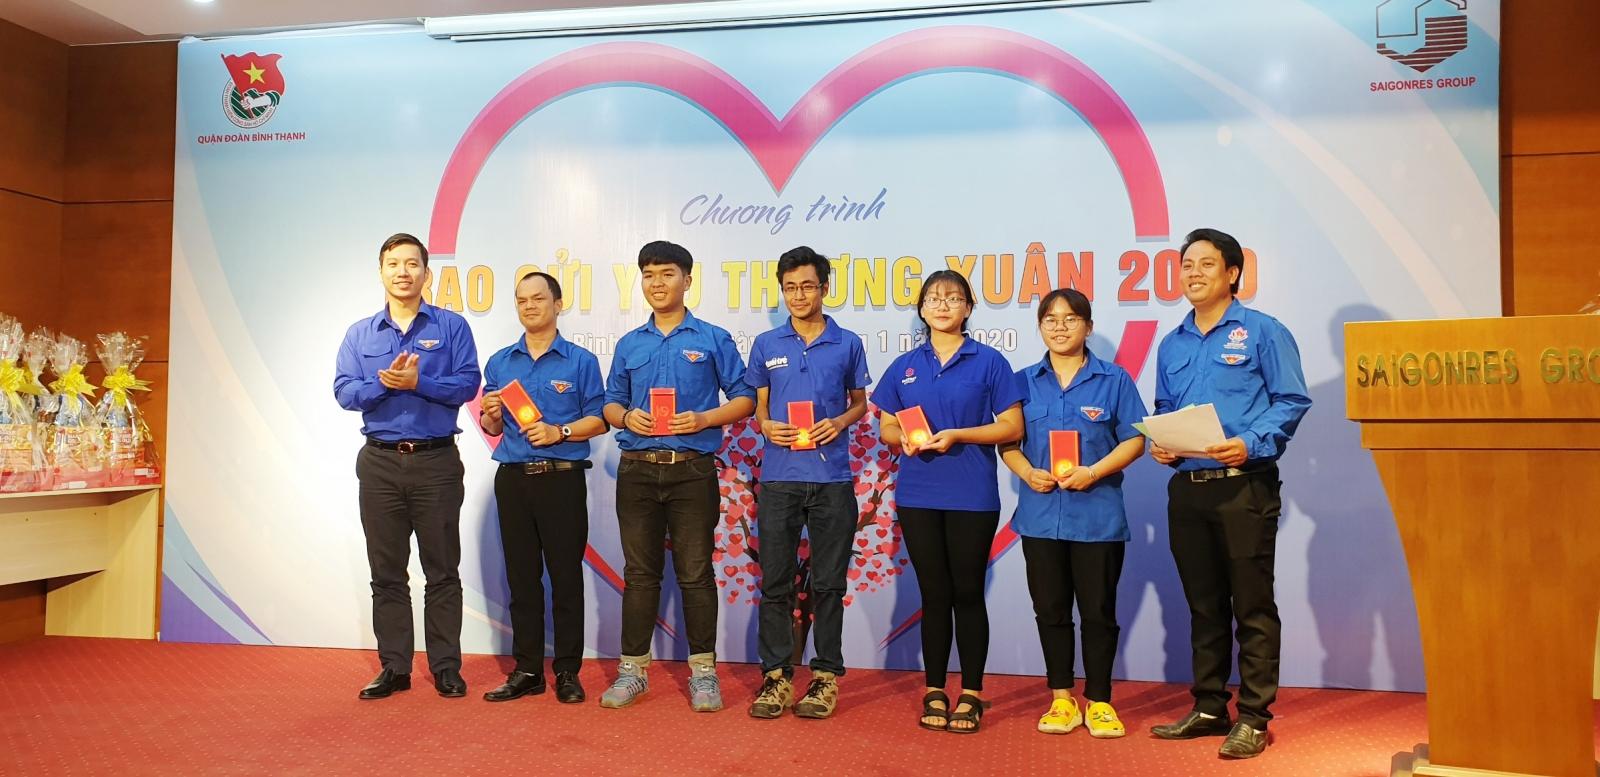 Đại diện Saigonres Group đồng chí Phạm Tuấn - Bí thư chi đoàn thanh niên Saigonres đã trao những phần quà ý nghĩa đến các đối tượng tham gia chương trình